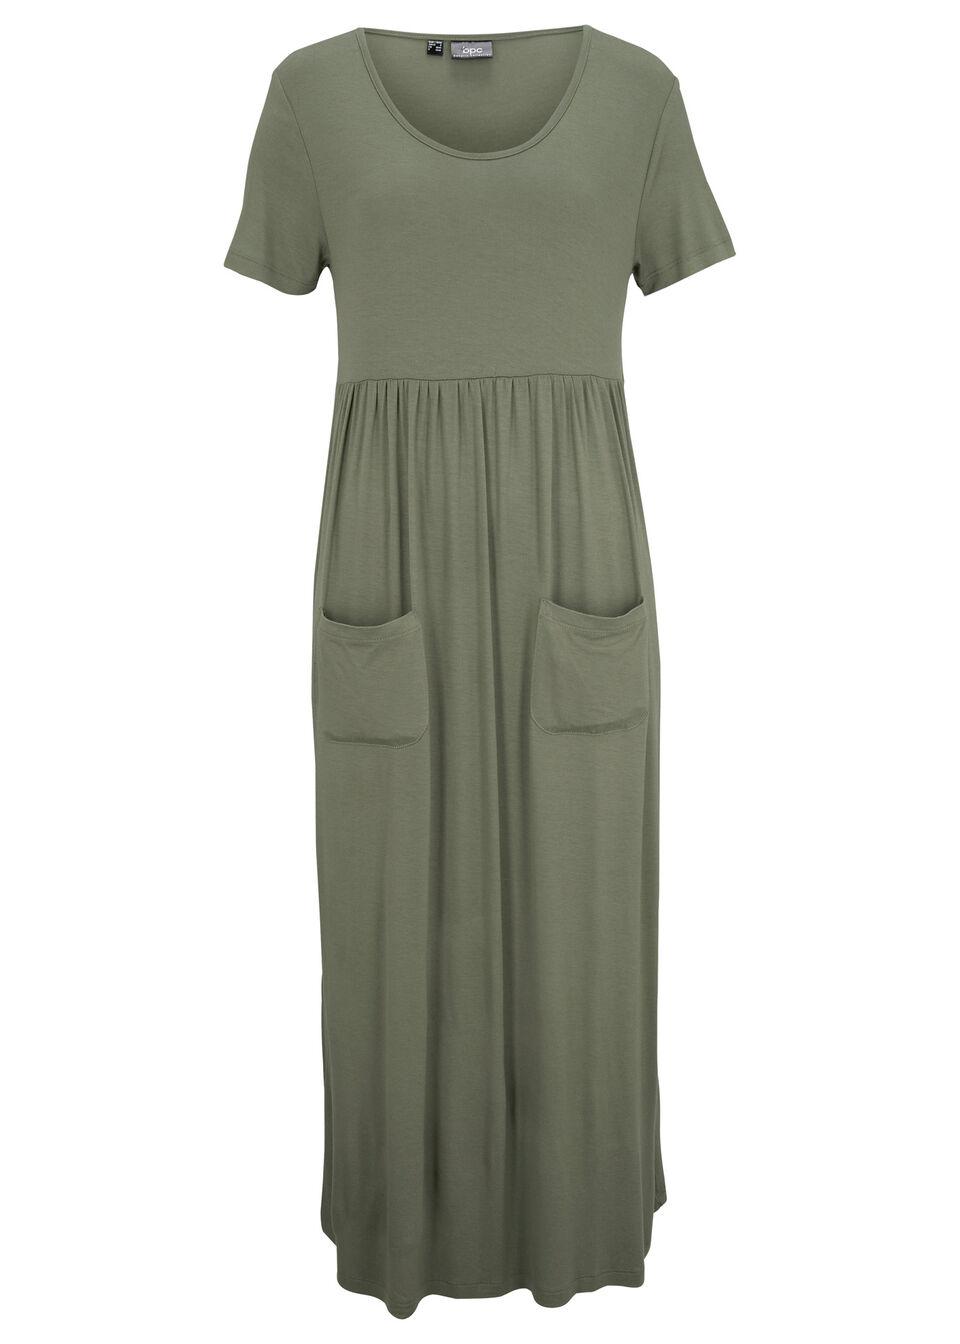 Sukienka midi ze stretchem, z okrągłym dekoltem i krótkim rękawem bonprix Sukienka mid kr.r oliw ok.dek